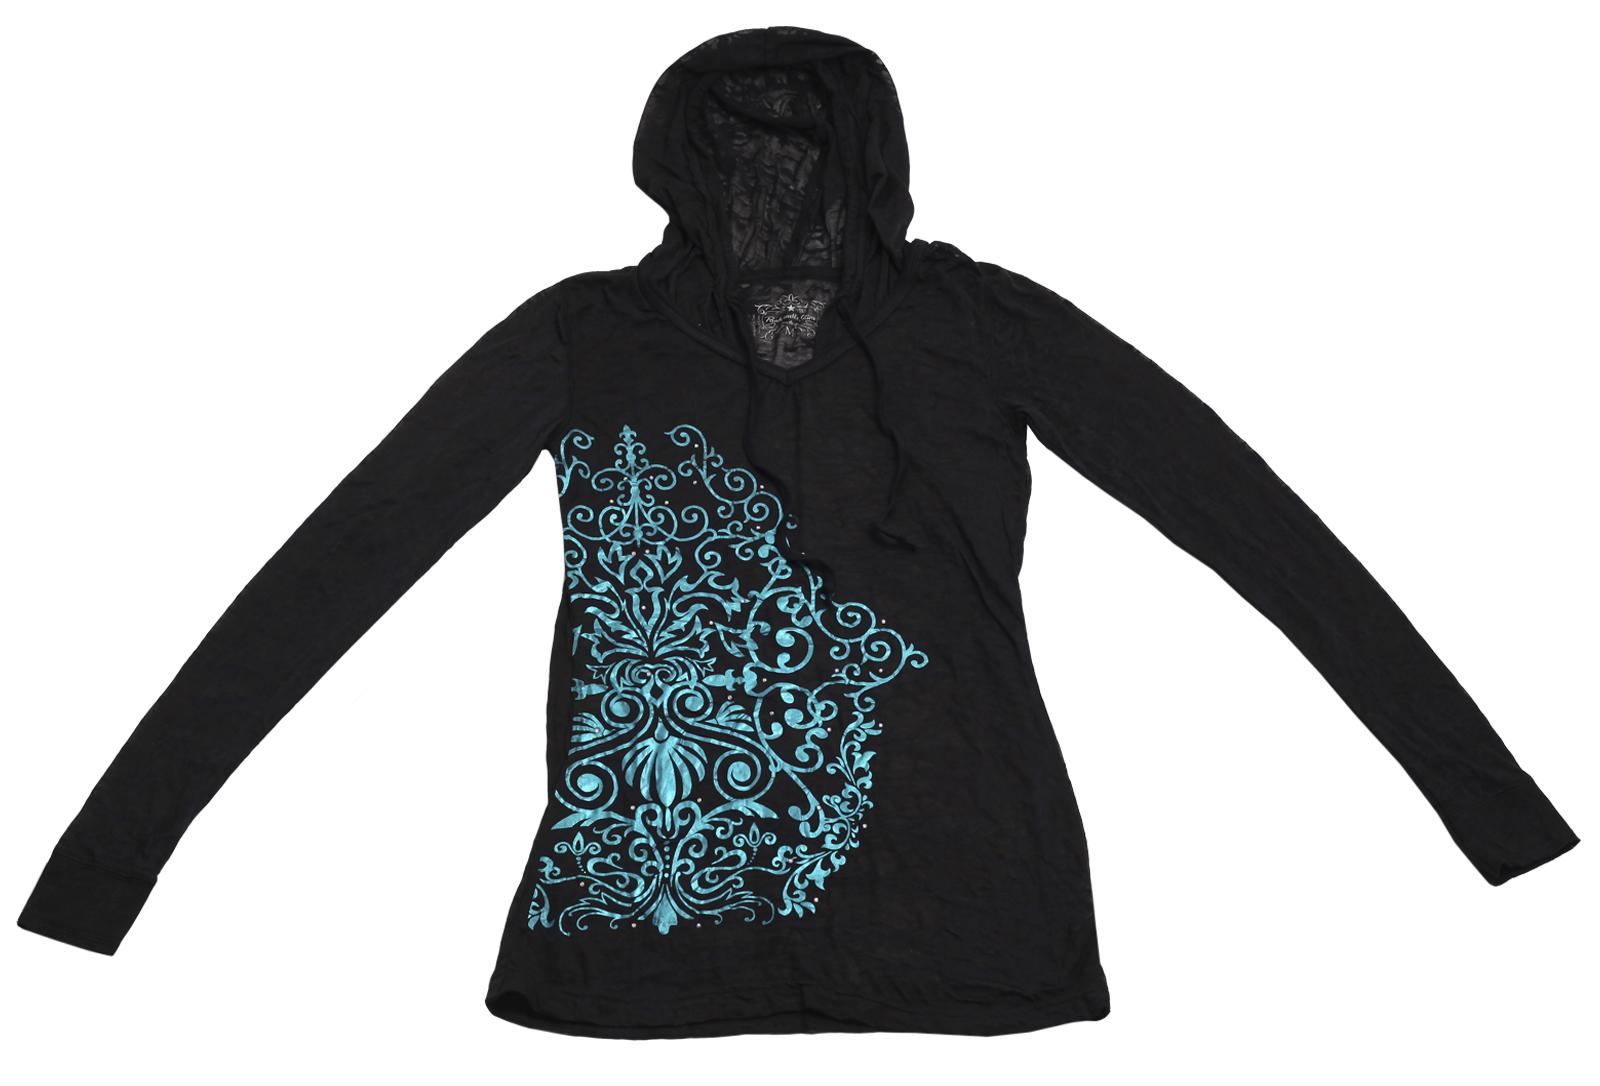 Молодежное модное худи Panhandle Slim с броским контрастным орнаментом